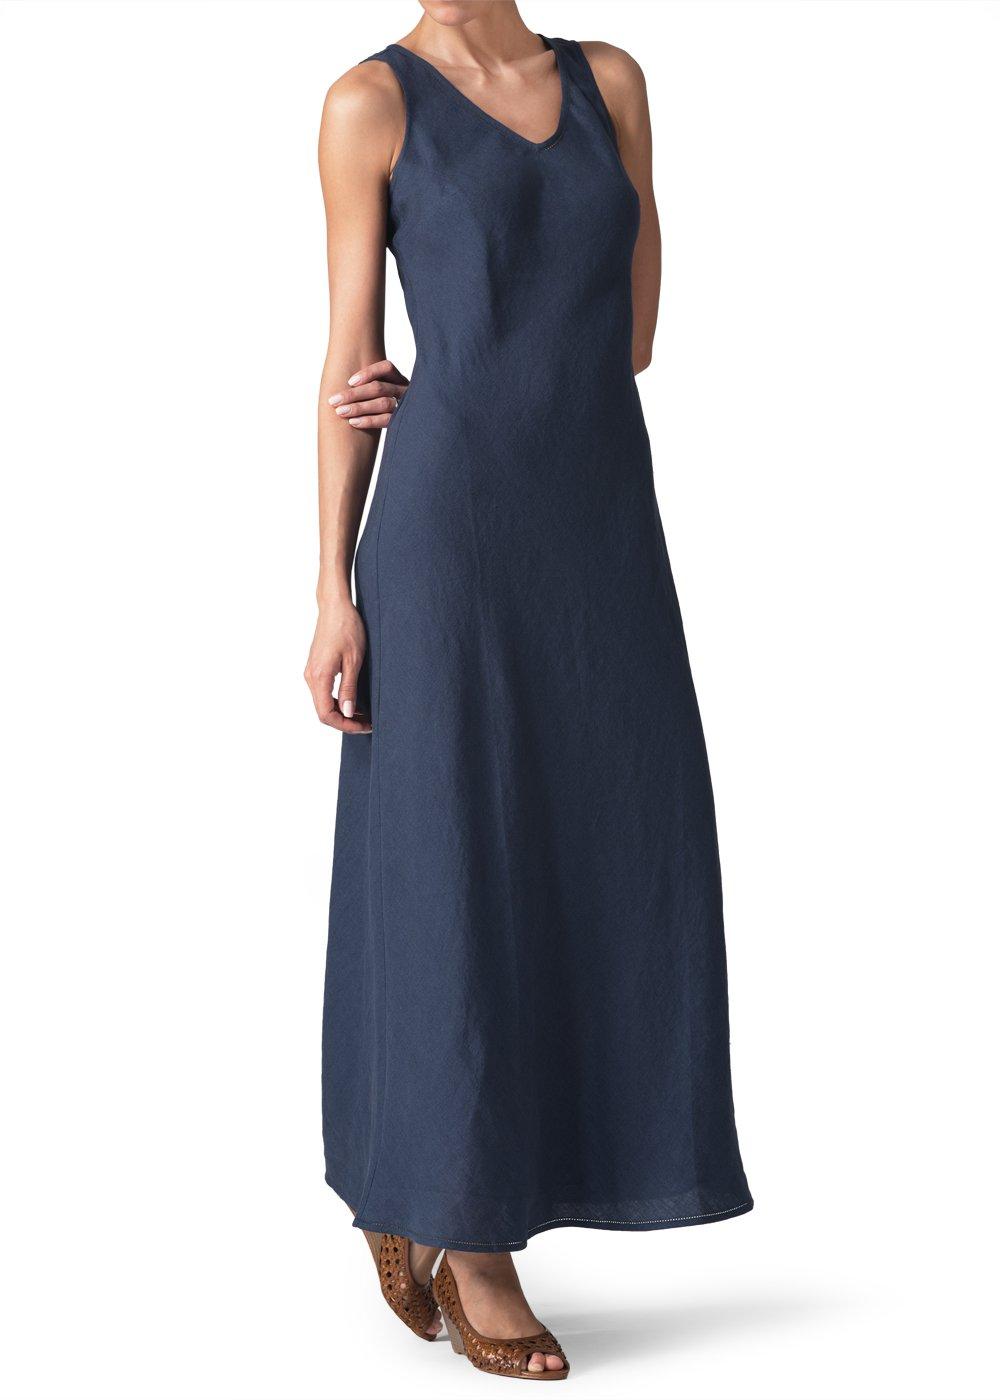 Vivid Linen Bias Cut Sleeveless Long Dress-4X-Denim Blue